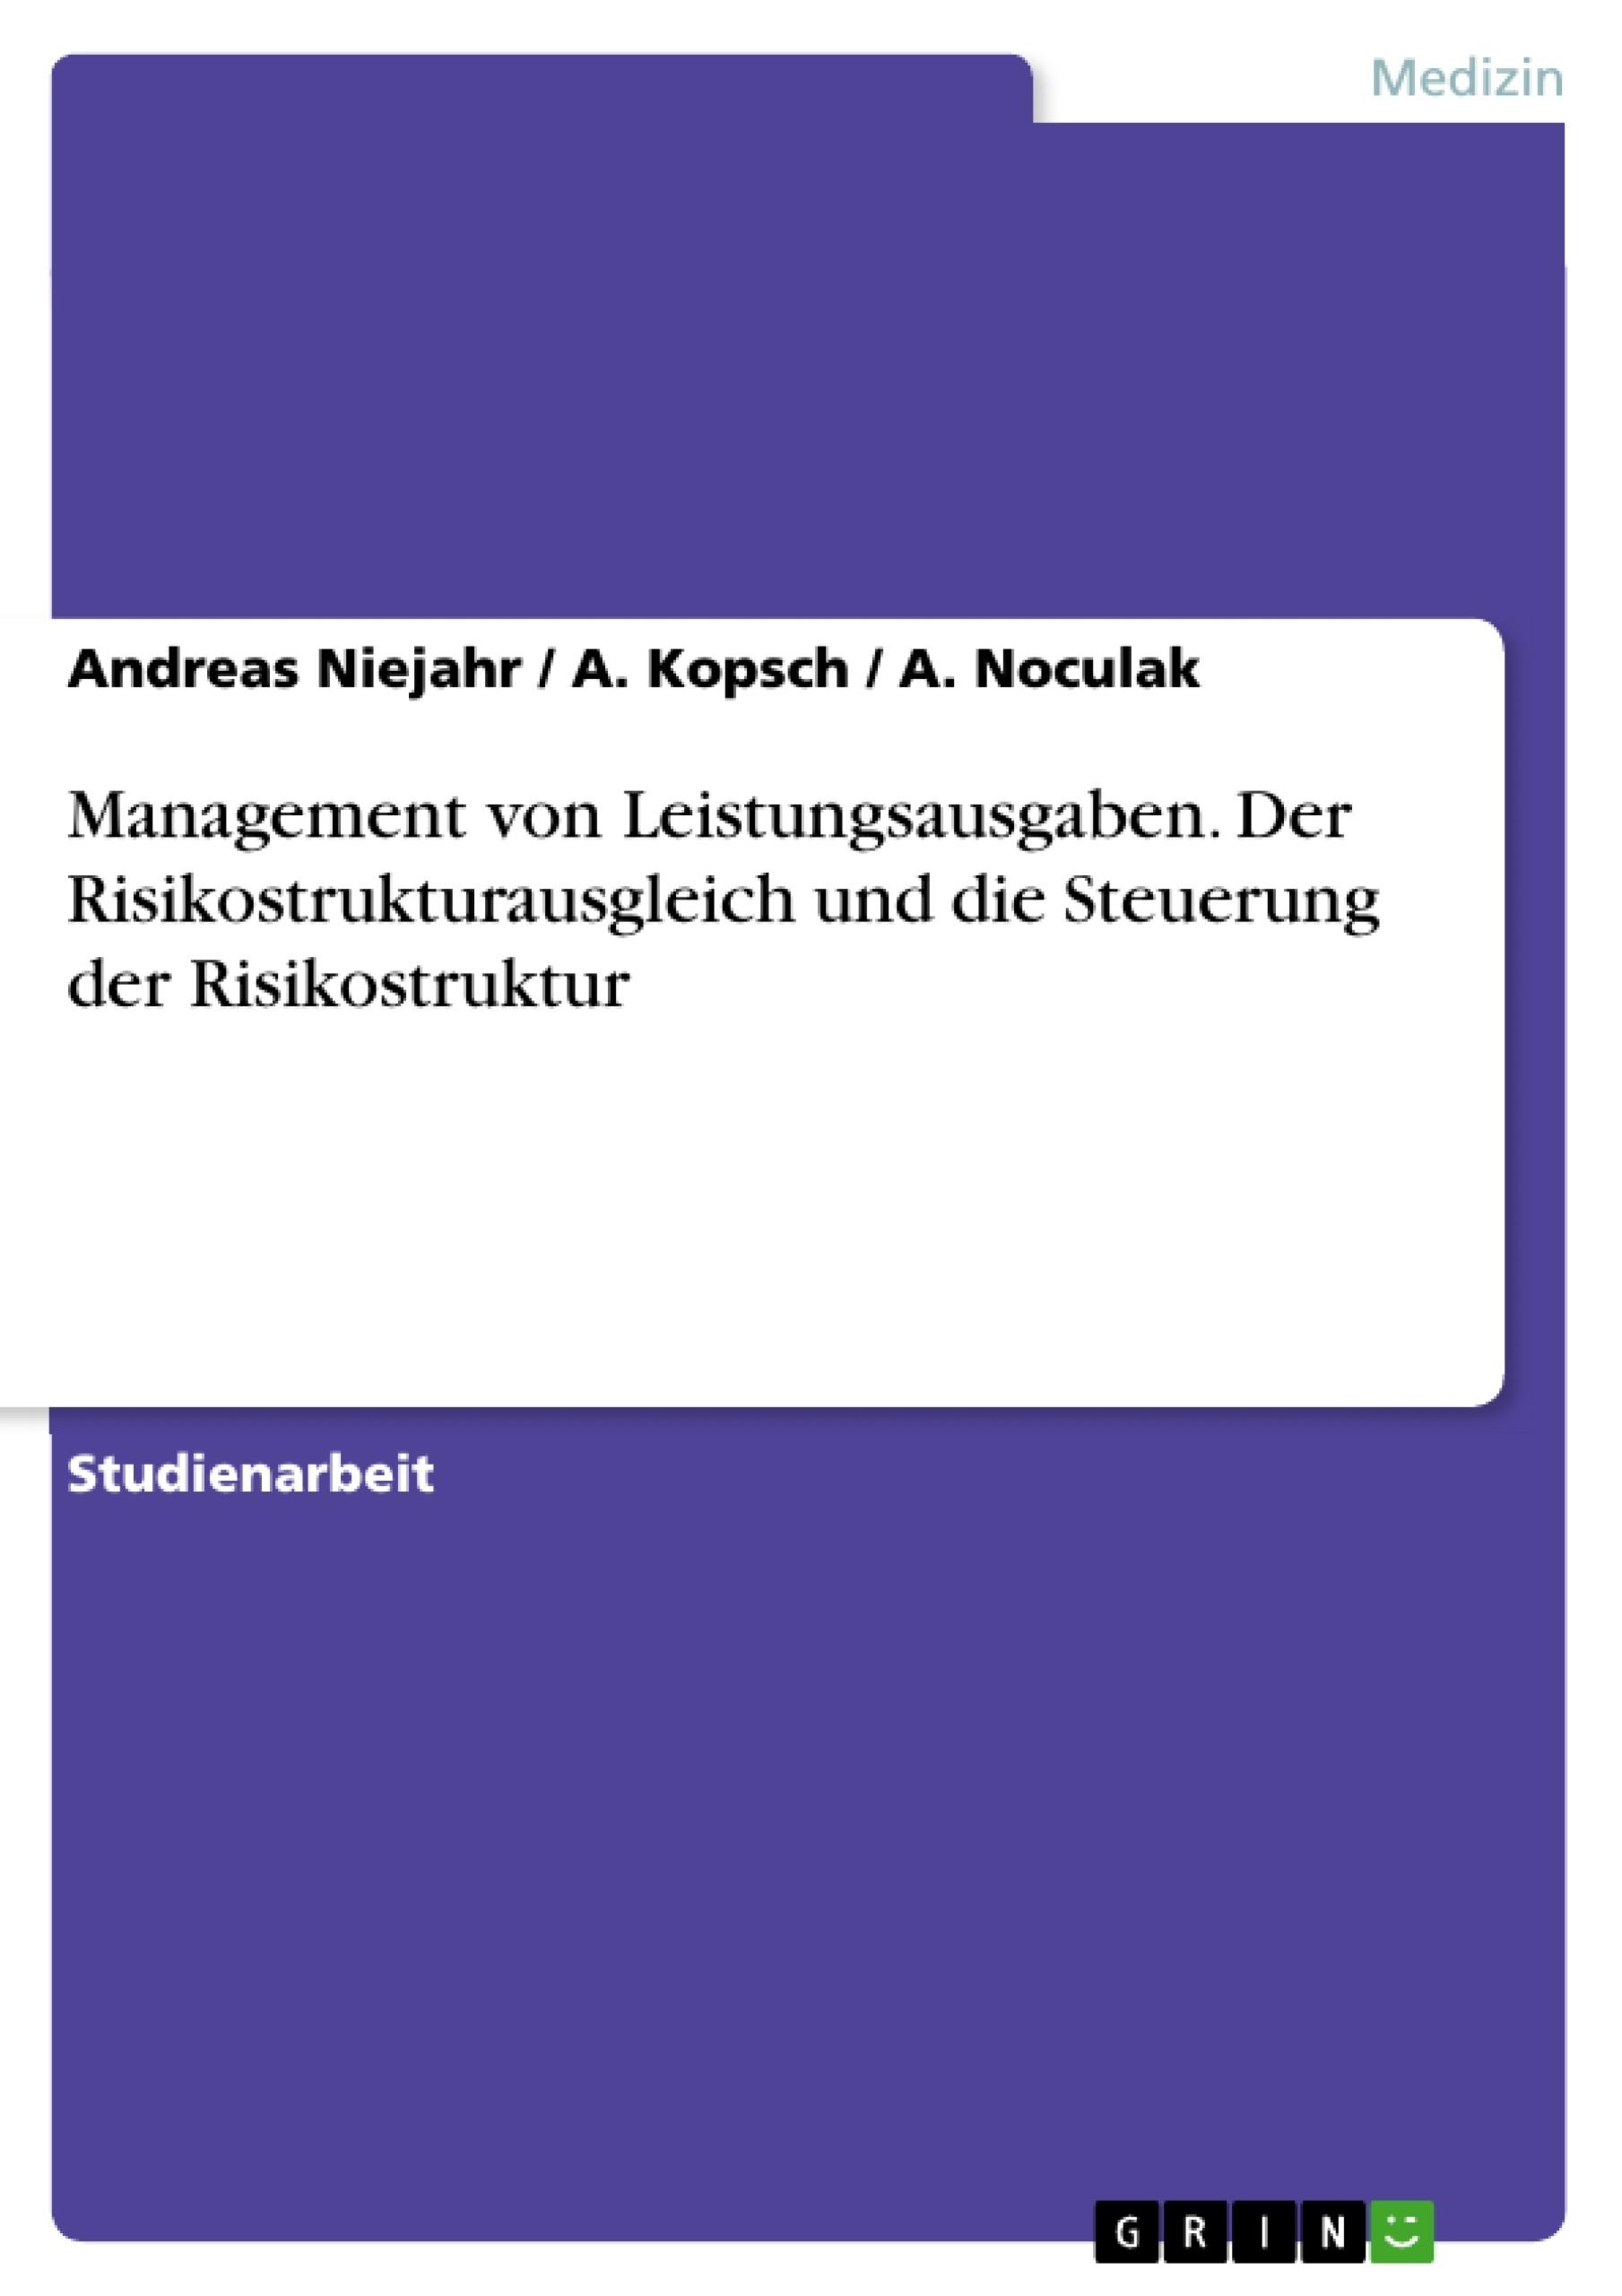 Titel: Management von Leistungsausgaben. Der Risikostrukturausgleich und die Steuerung der Risikostruktur